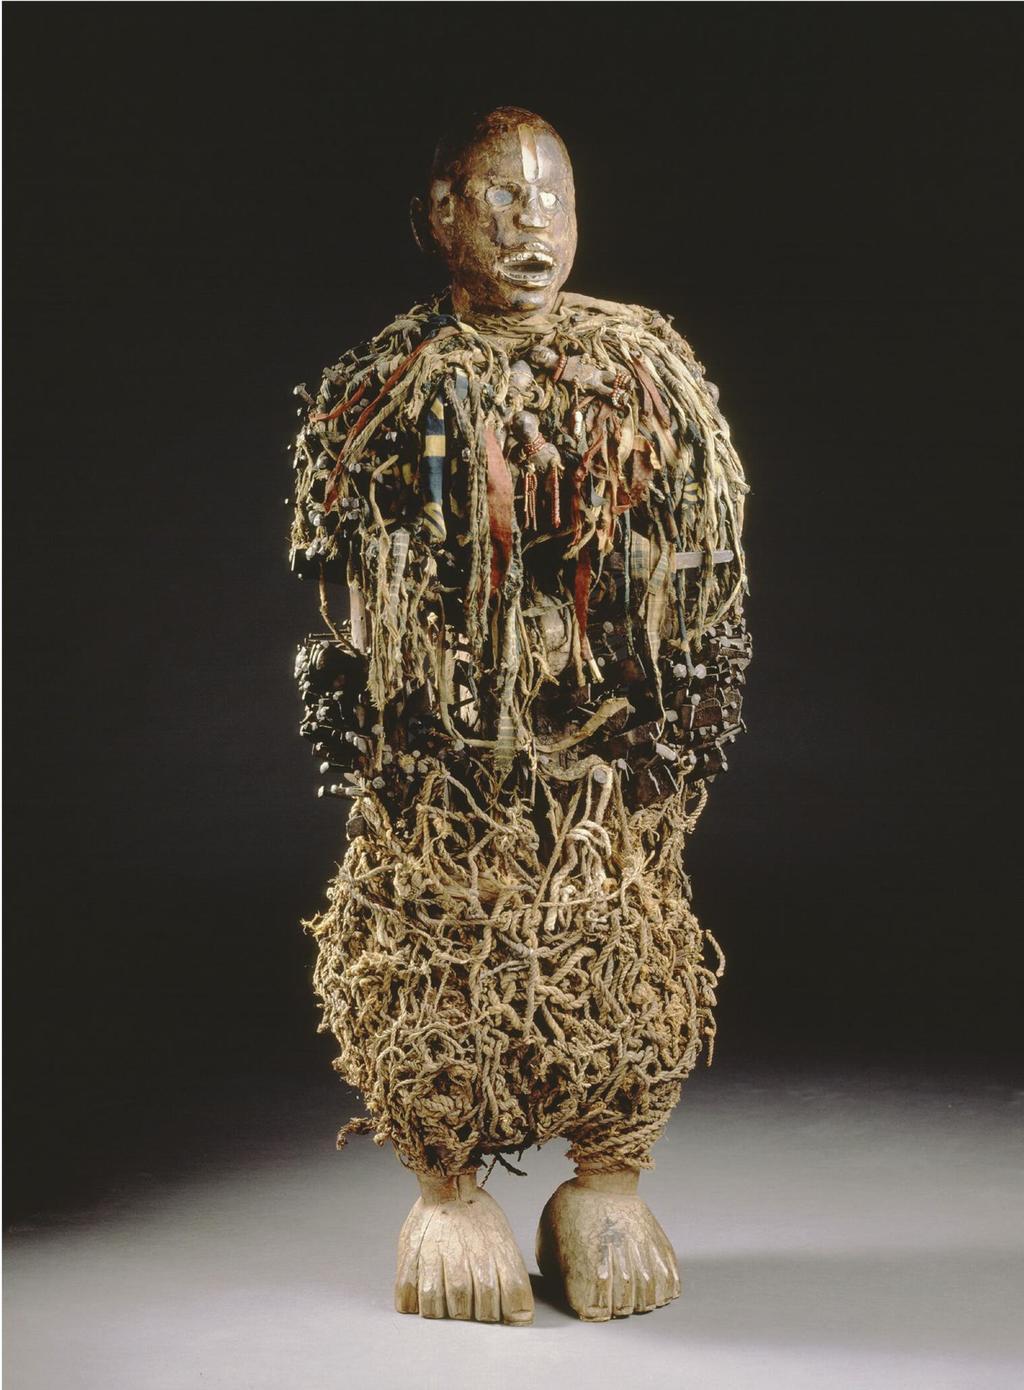 Het spijkerbeeld Nkisi nkonde werd in 1878 meegenomen nadat een dorp door Belgen in brand was gestoken. PLUSJ, RMCA TERVUREN